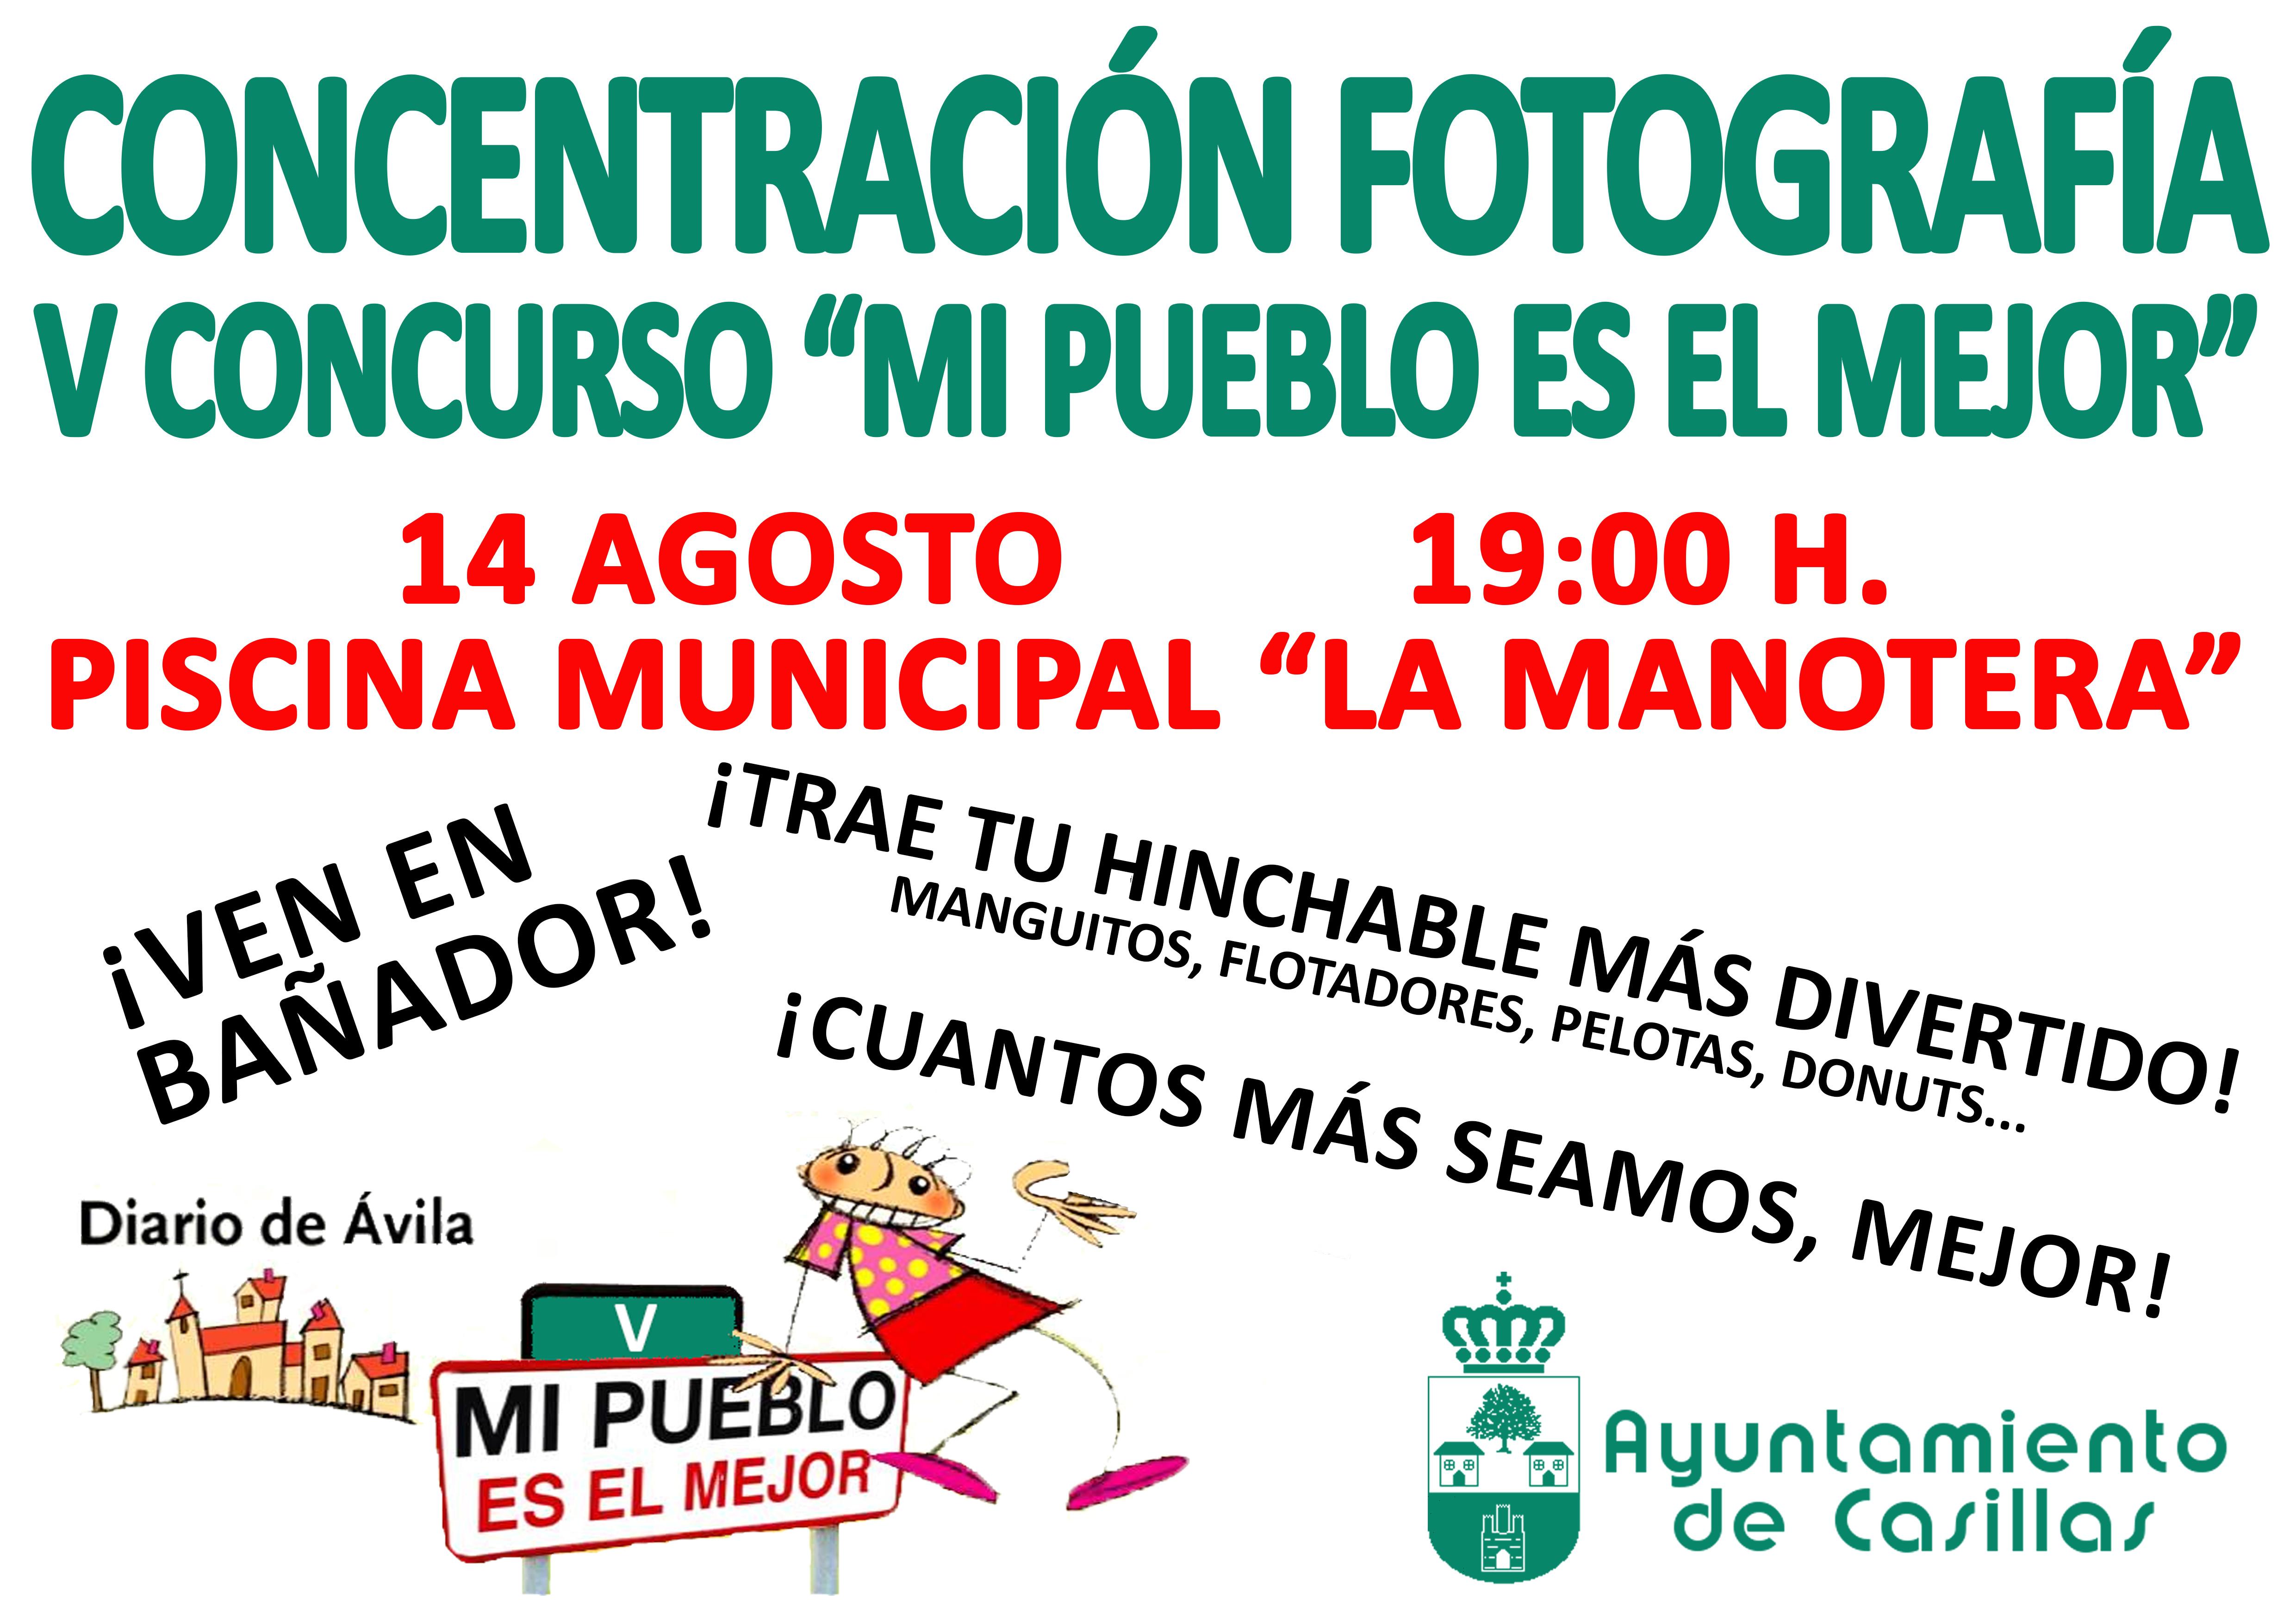 Concentraci n fotograf a v concurso mi pueblo es el mejor for Piscina municipal avila